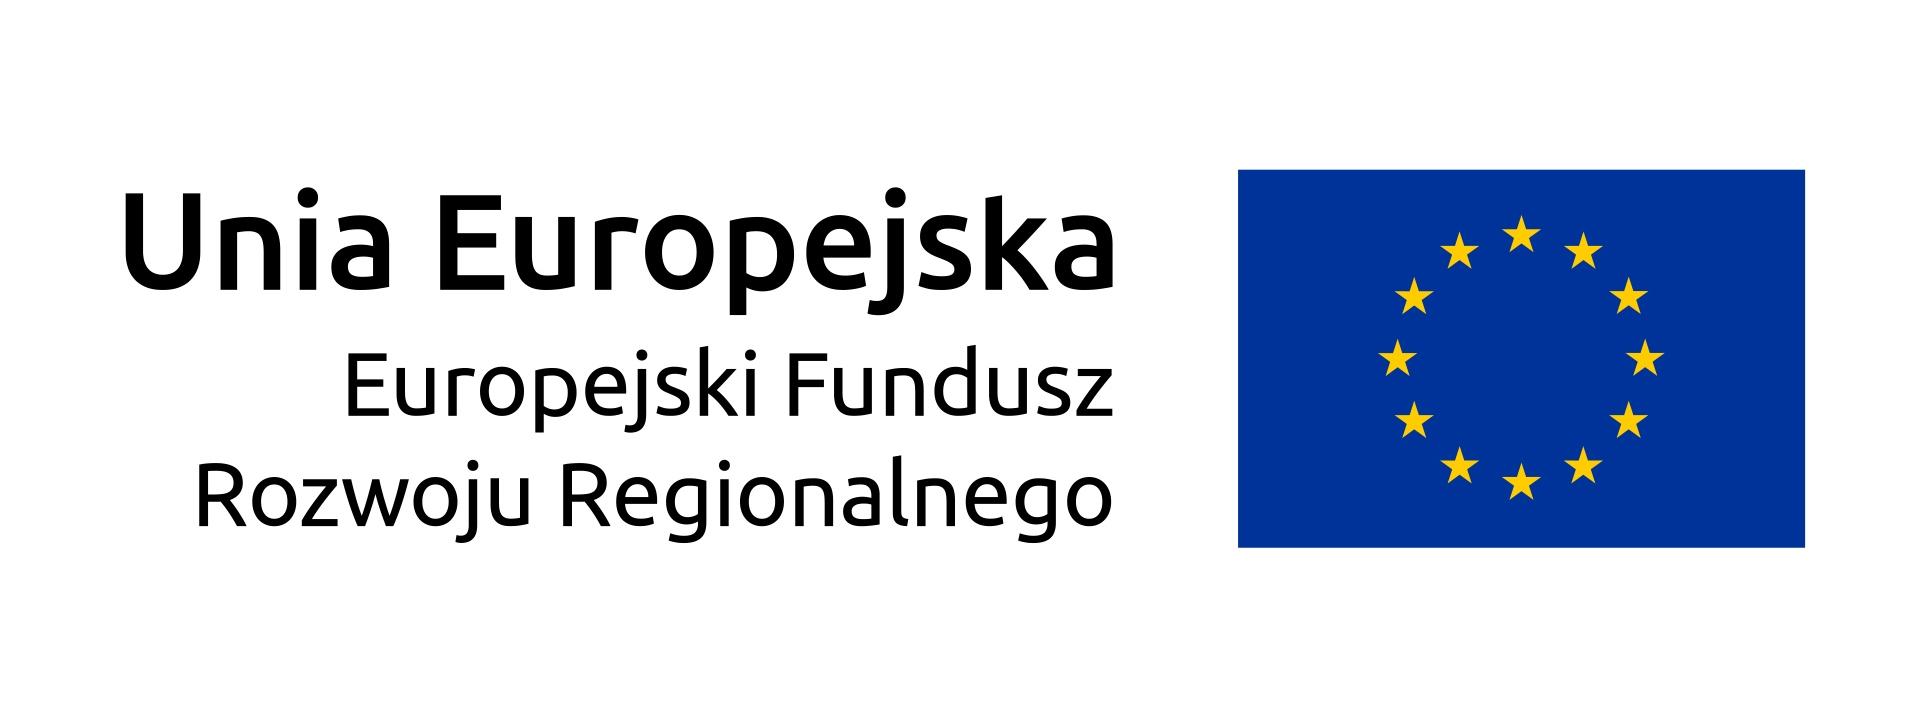 Flaga Unii Europejskiej - Europejski Fundusz Rozwoju Regionalnego